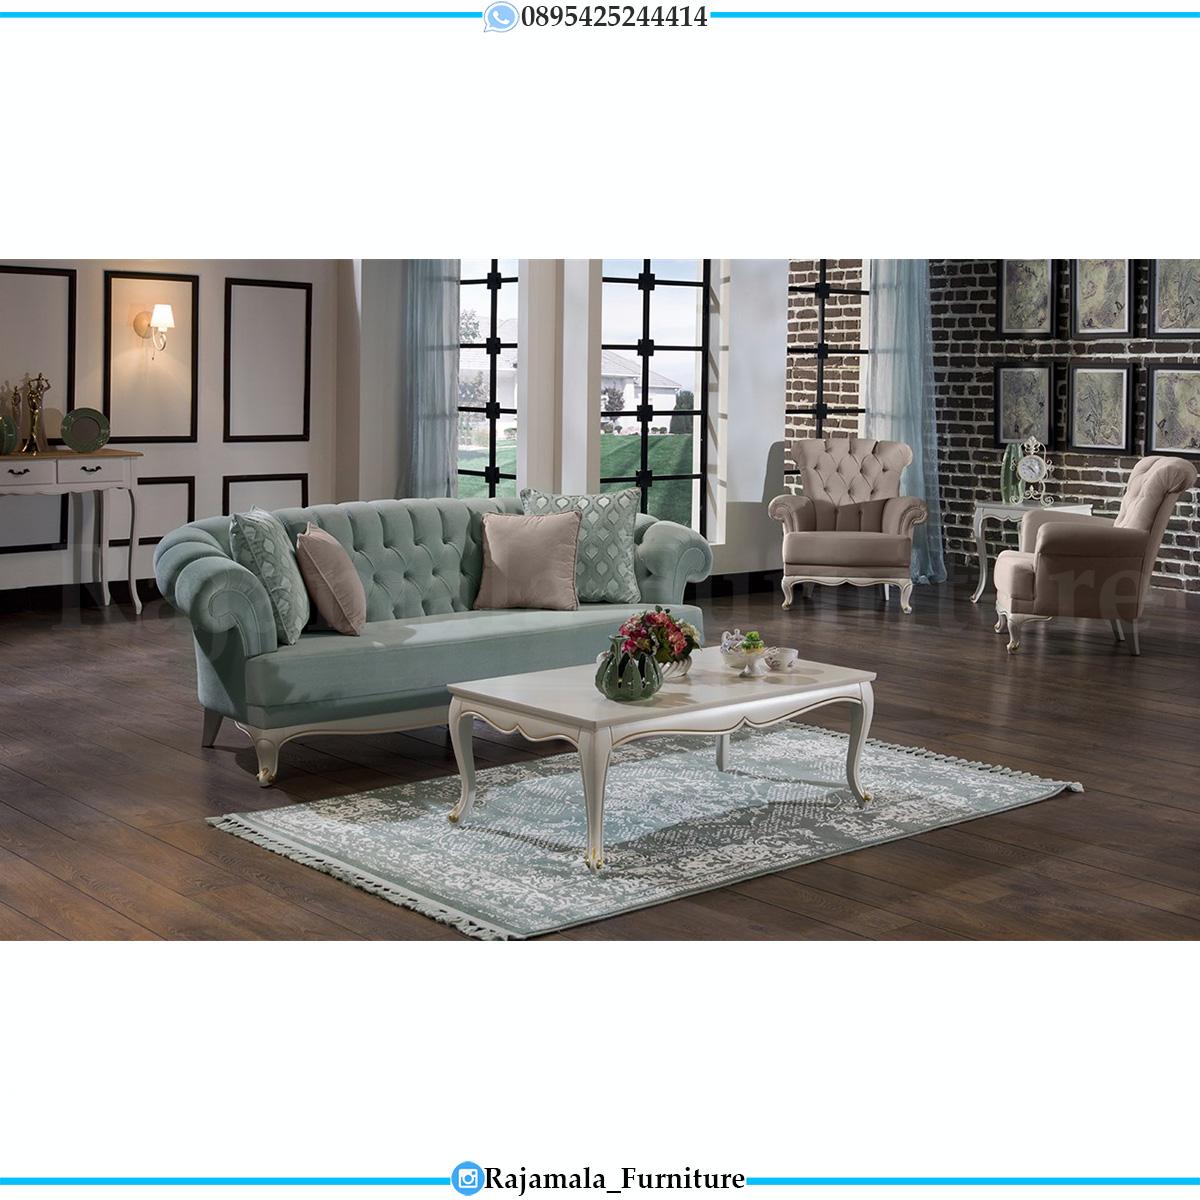 Sofa Tamu Shabby Chic Minimalis Design Putih Duco Luxury RM-0625